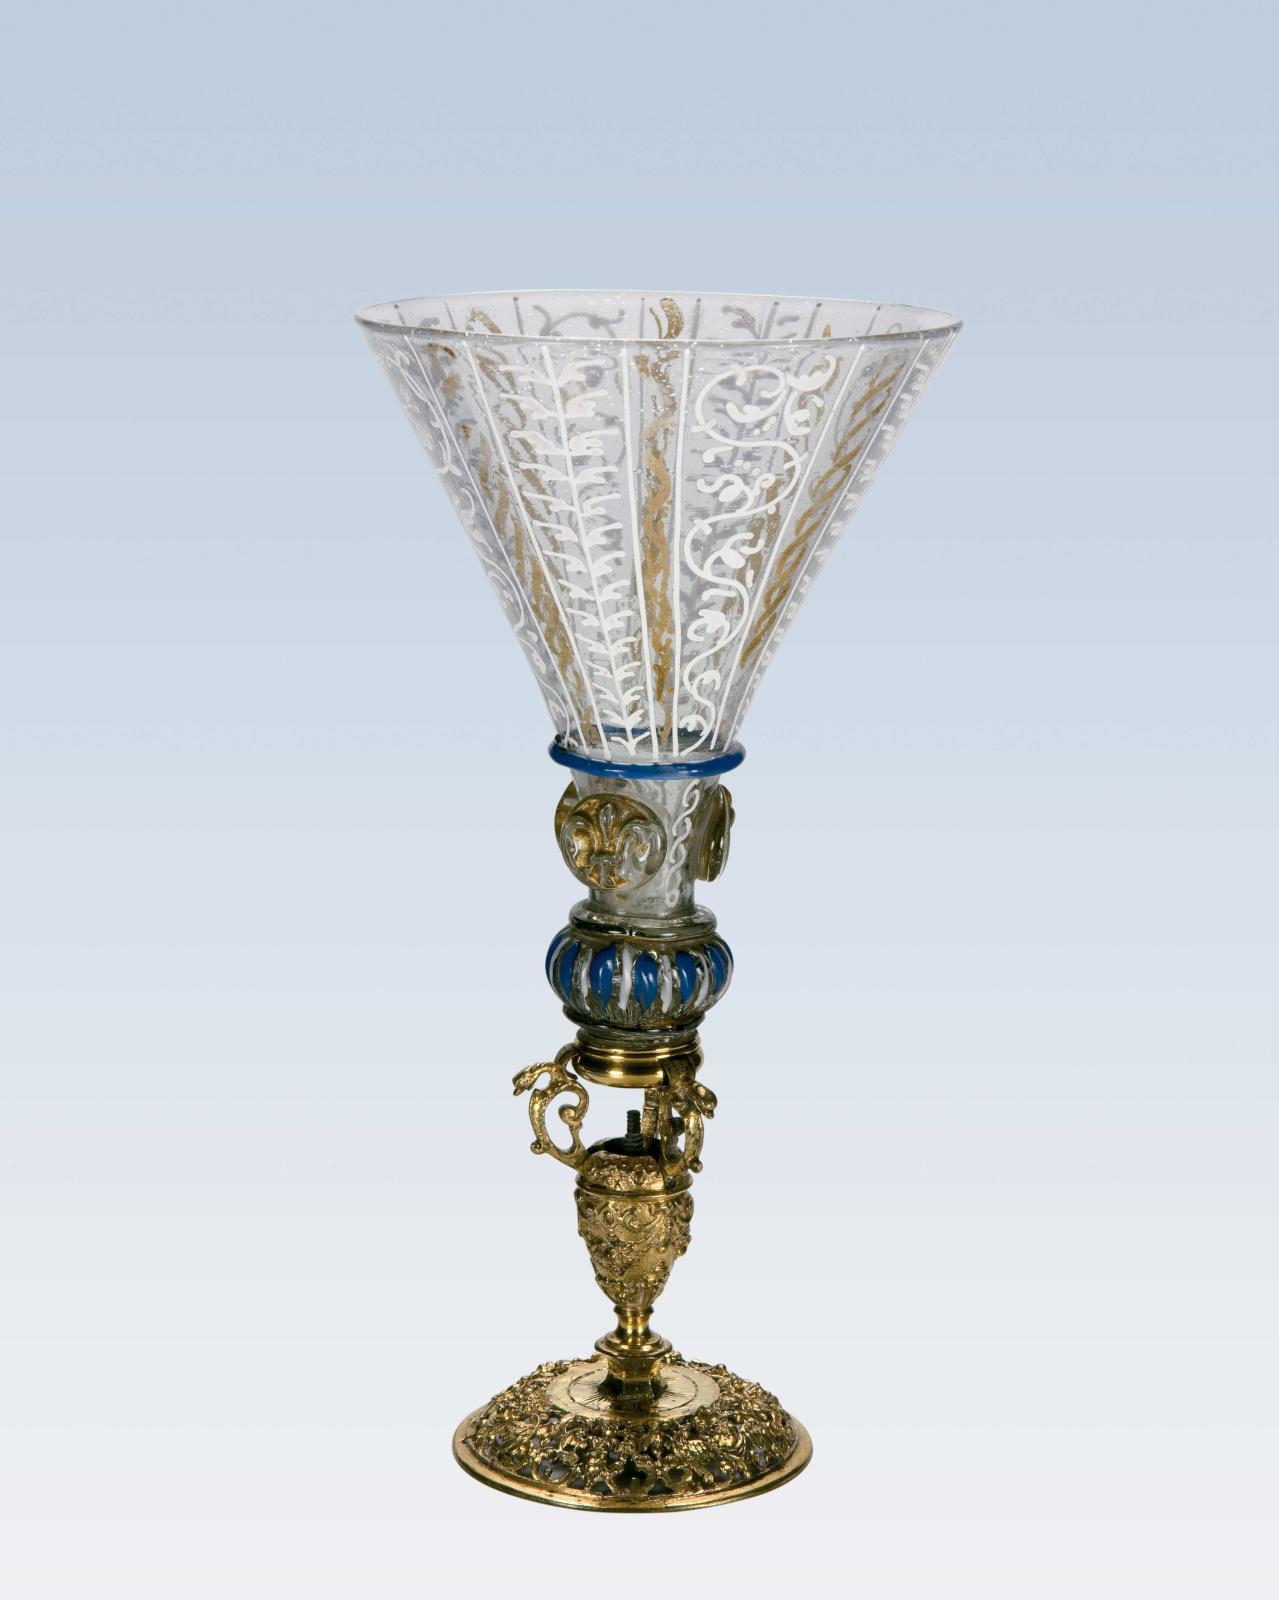 Verre à coupe conique décorée de torsades et feuillages verticaux en émail blanc et jaune, reposant sur un nœud godronné émaillé bleu et b